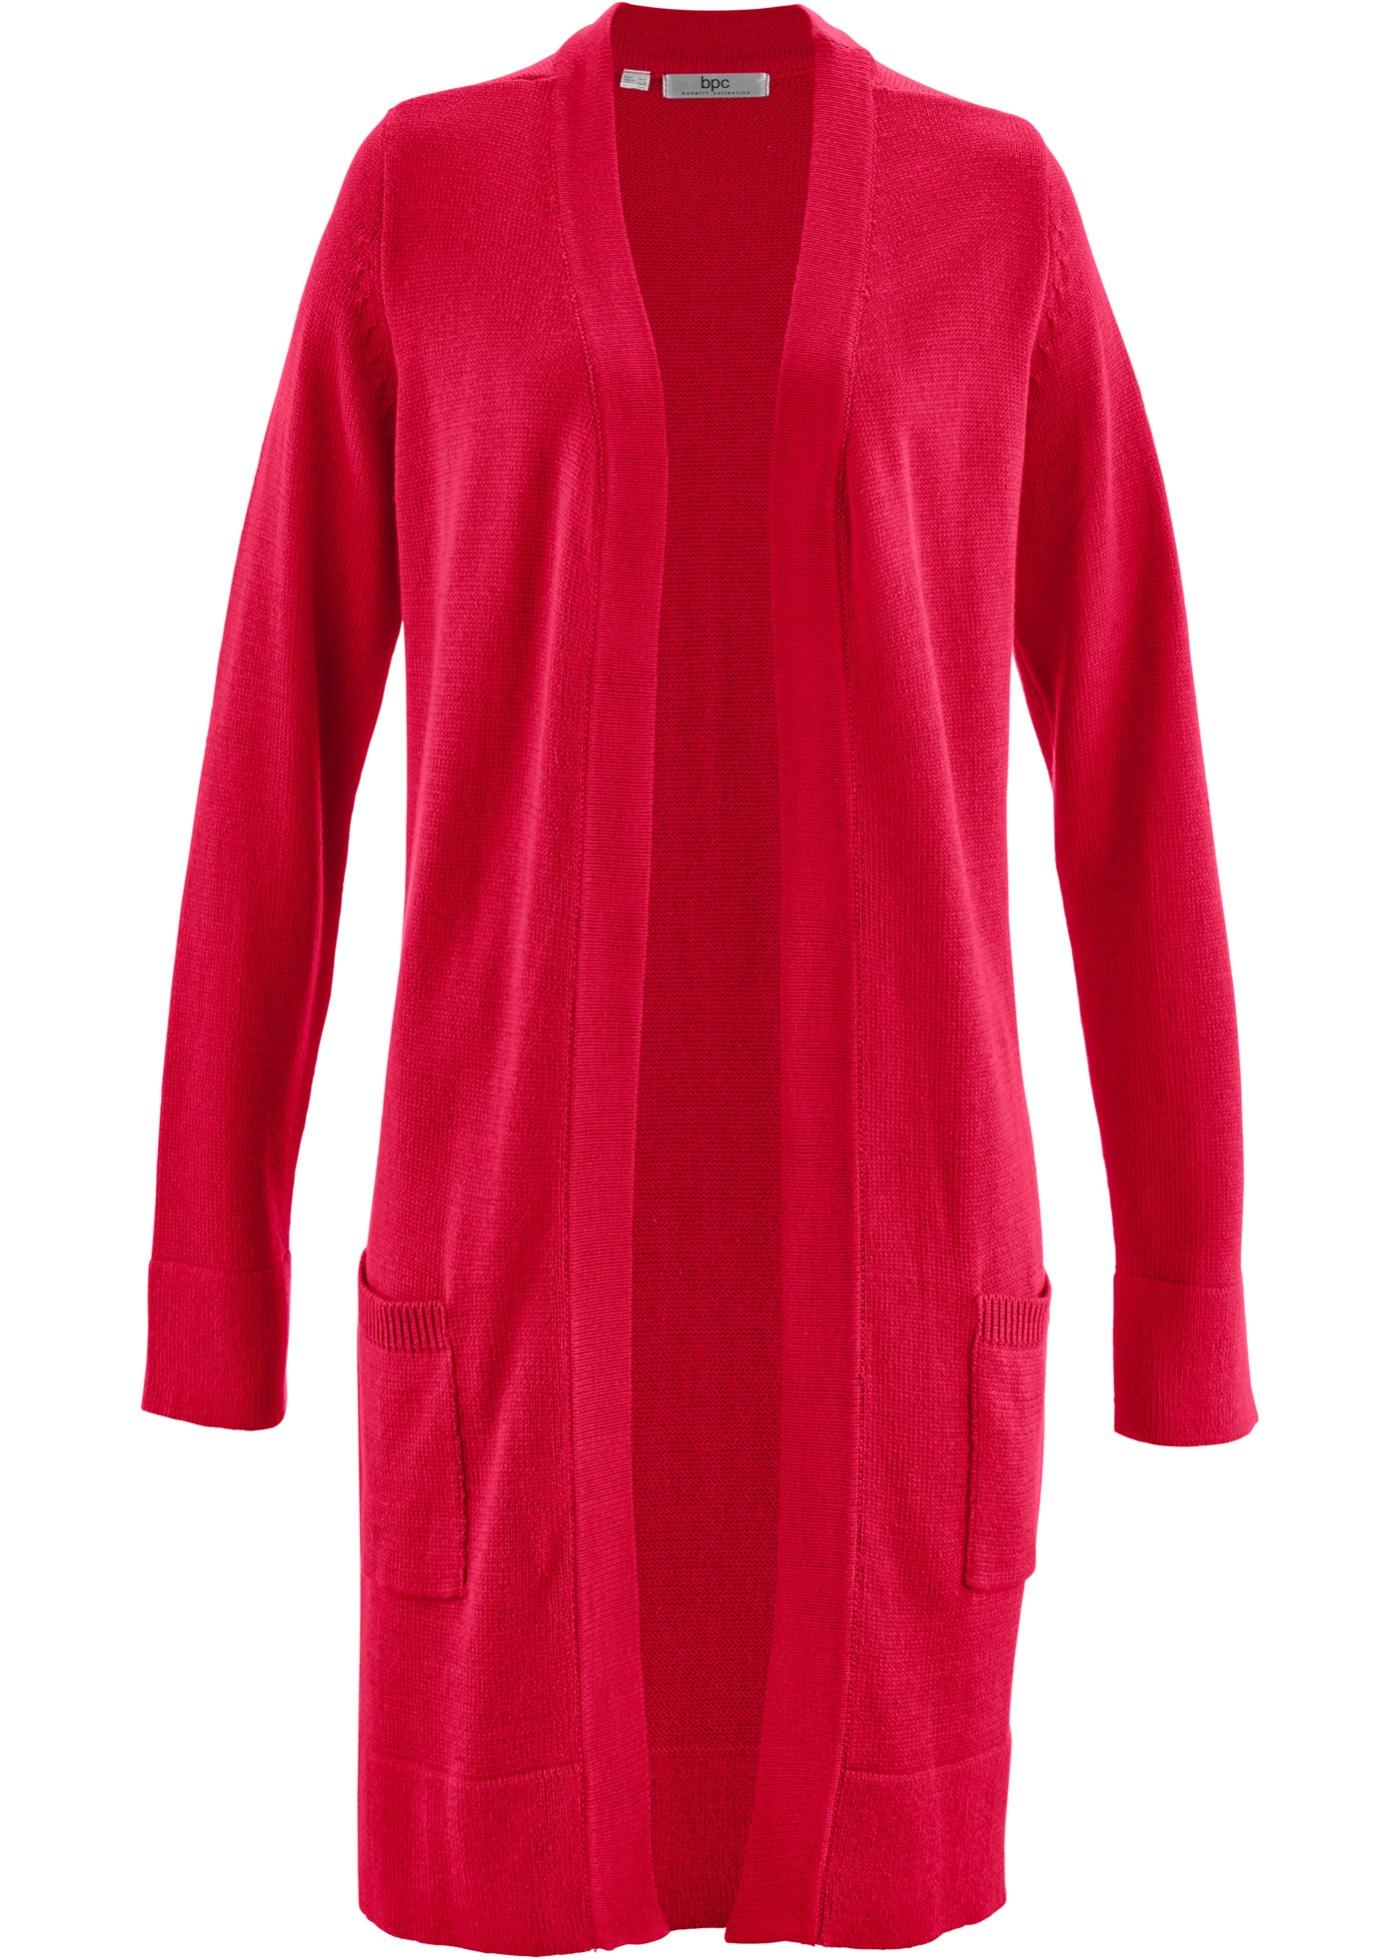 Dlouhý pletený kabátek, dlouhý rukáv - Červená